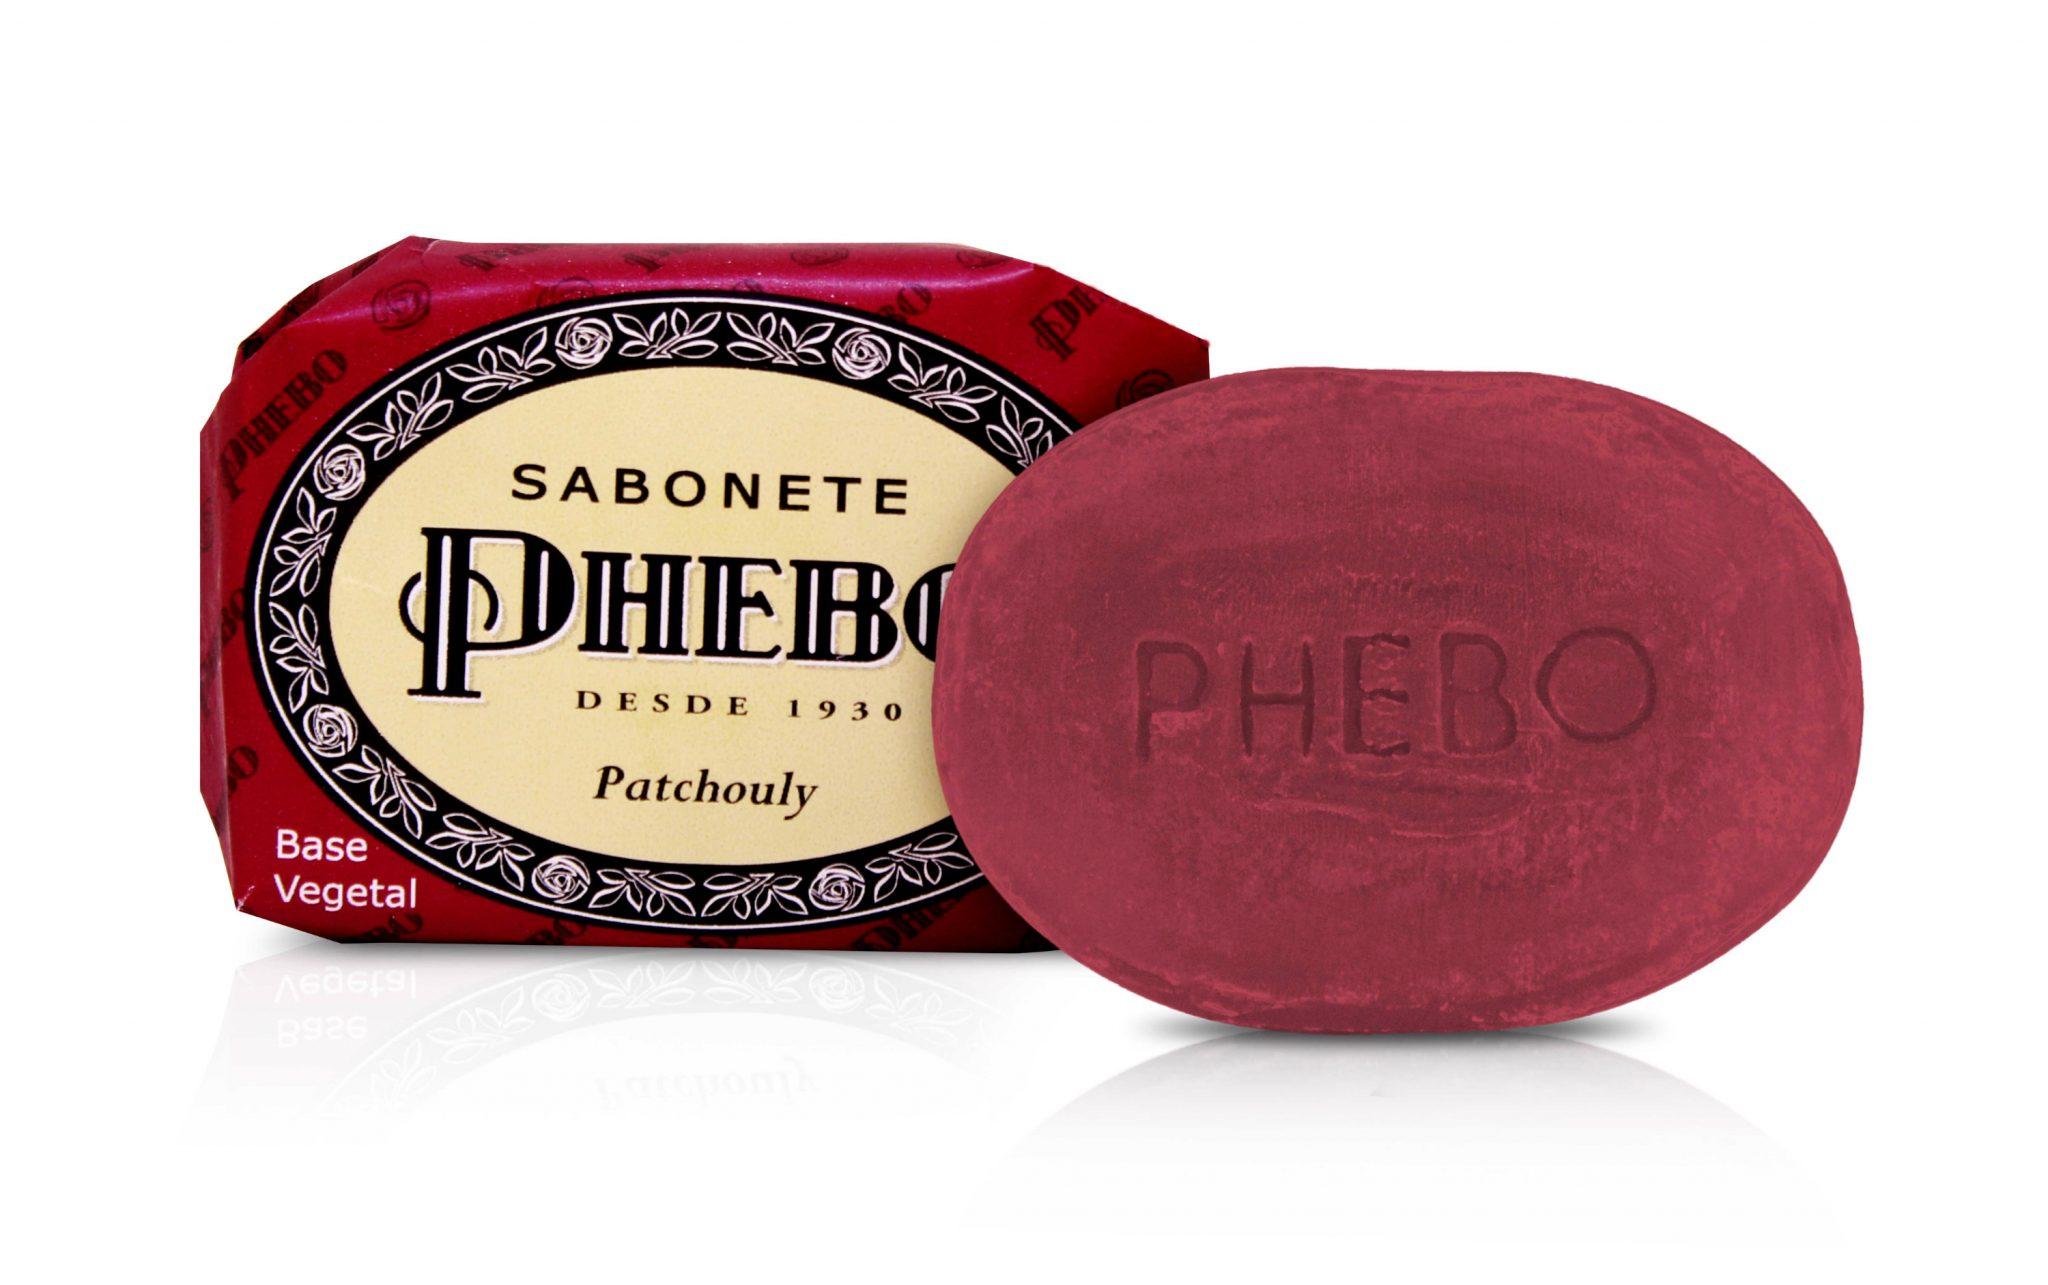 Lima da Pérsia e Patchouly são as novas fragrâncias da linha Tradicional da Phebo